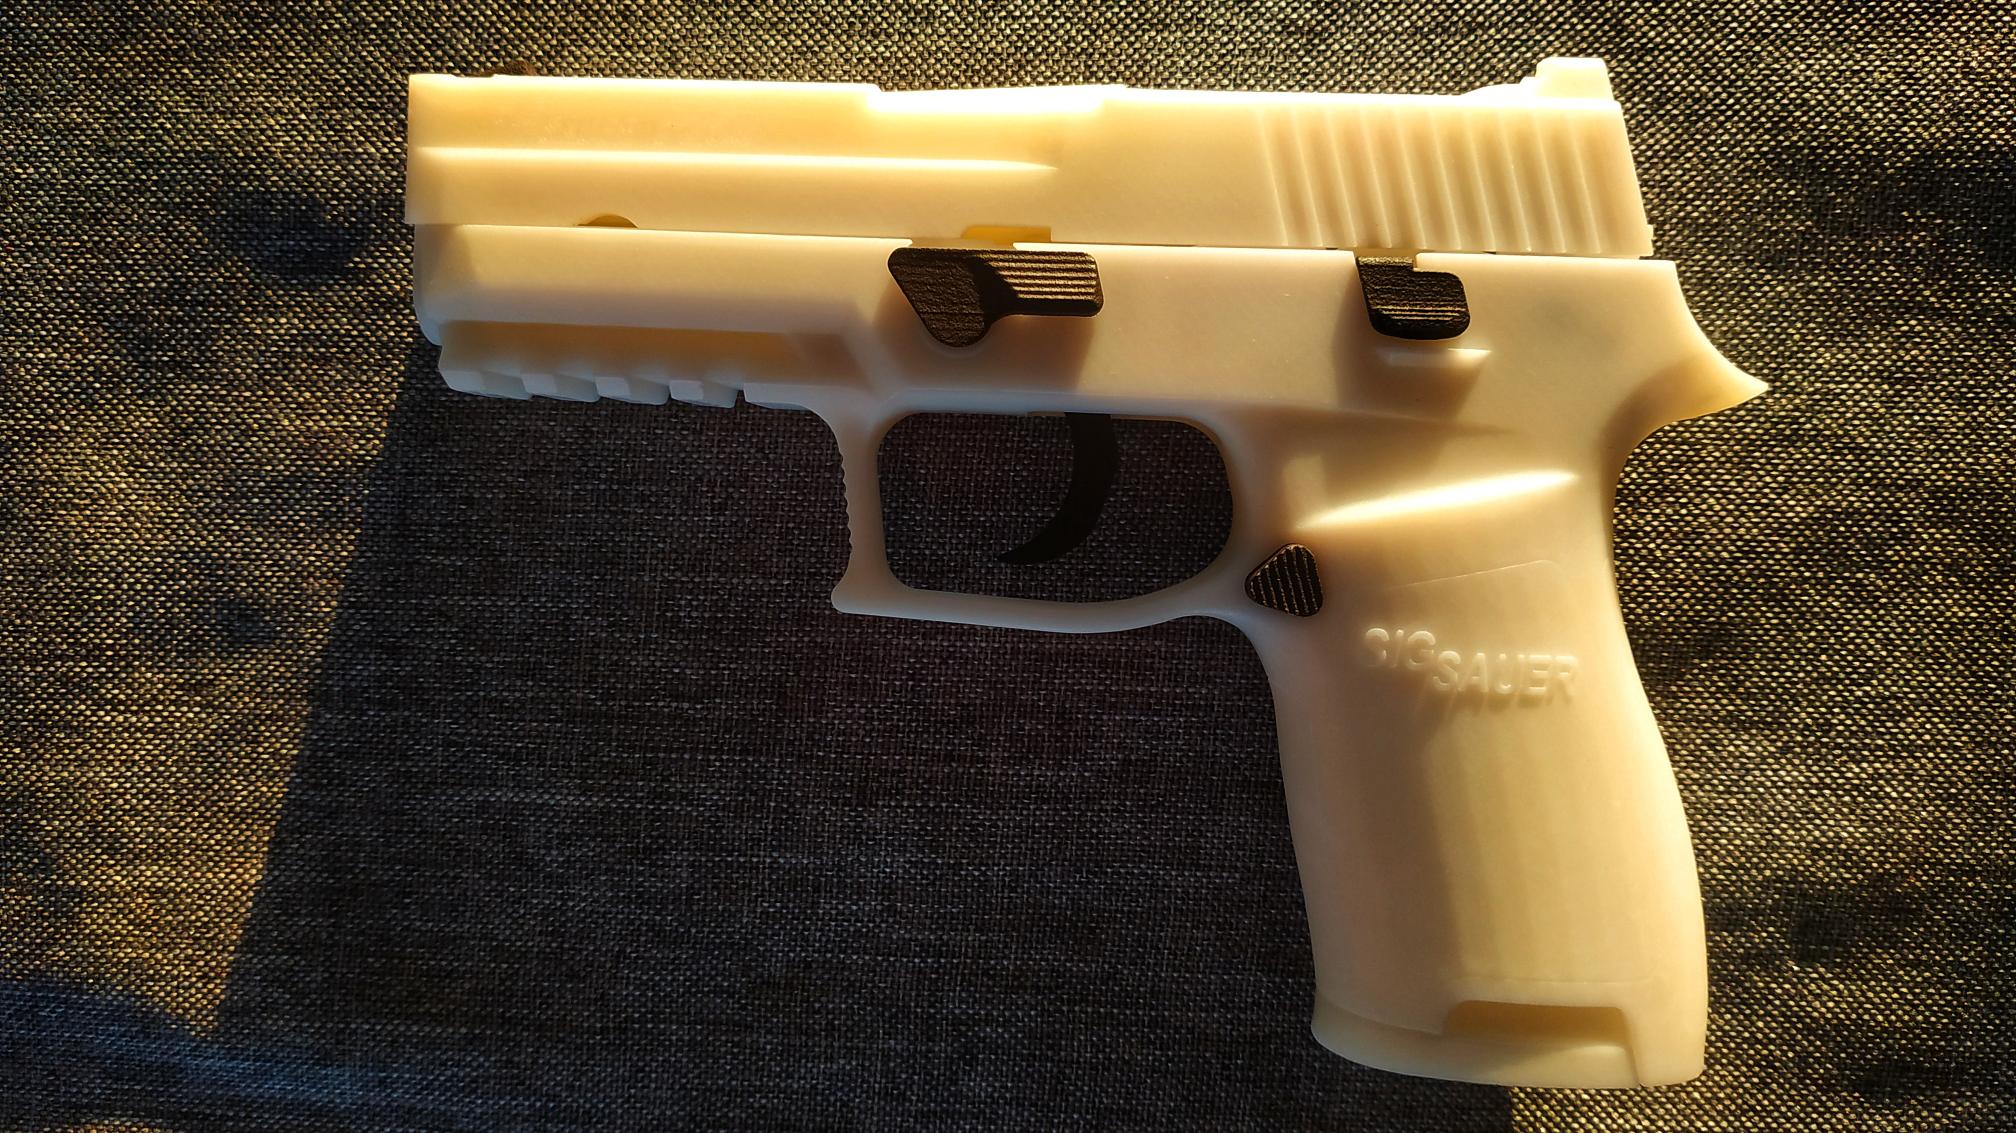 SIG P250完全分解安装教程——3D打印不可发射树脂模型